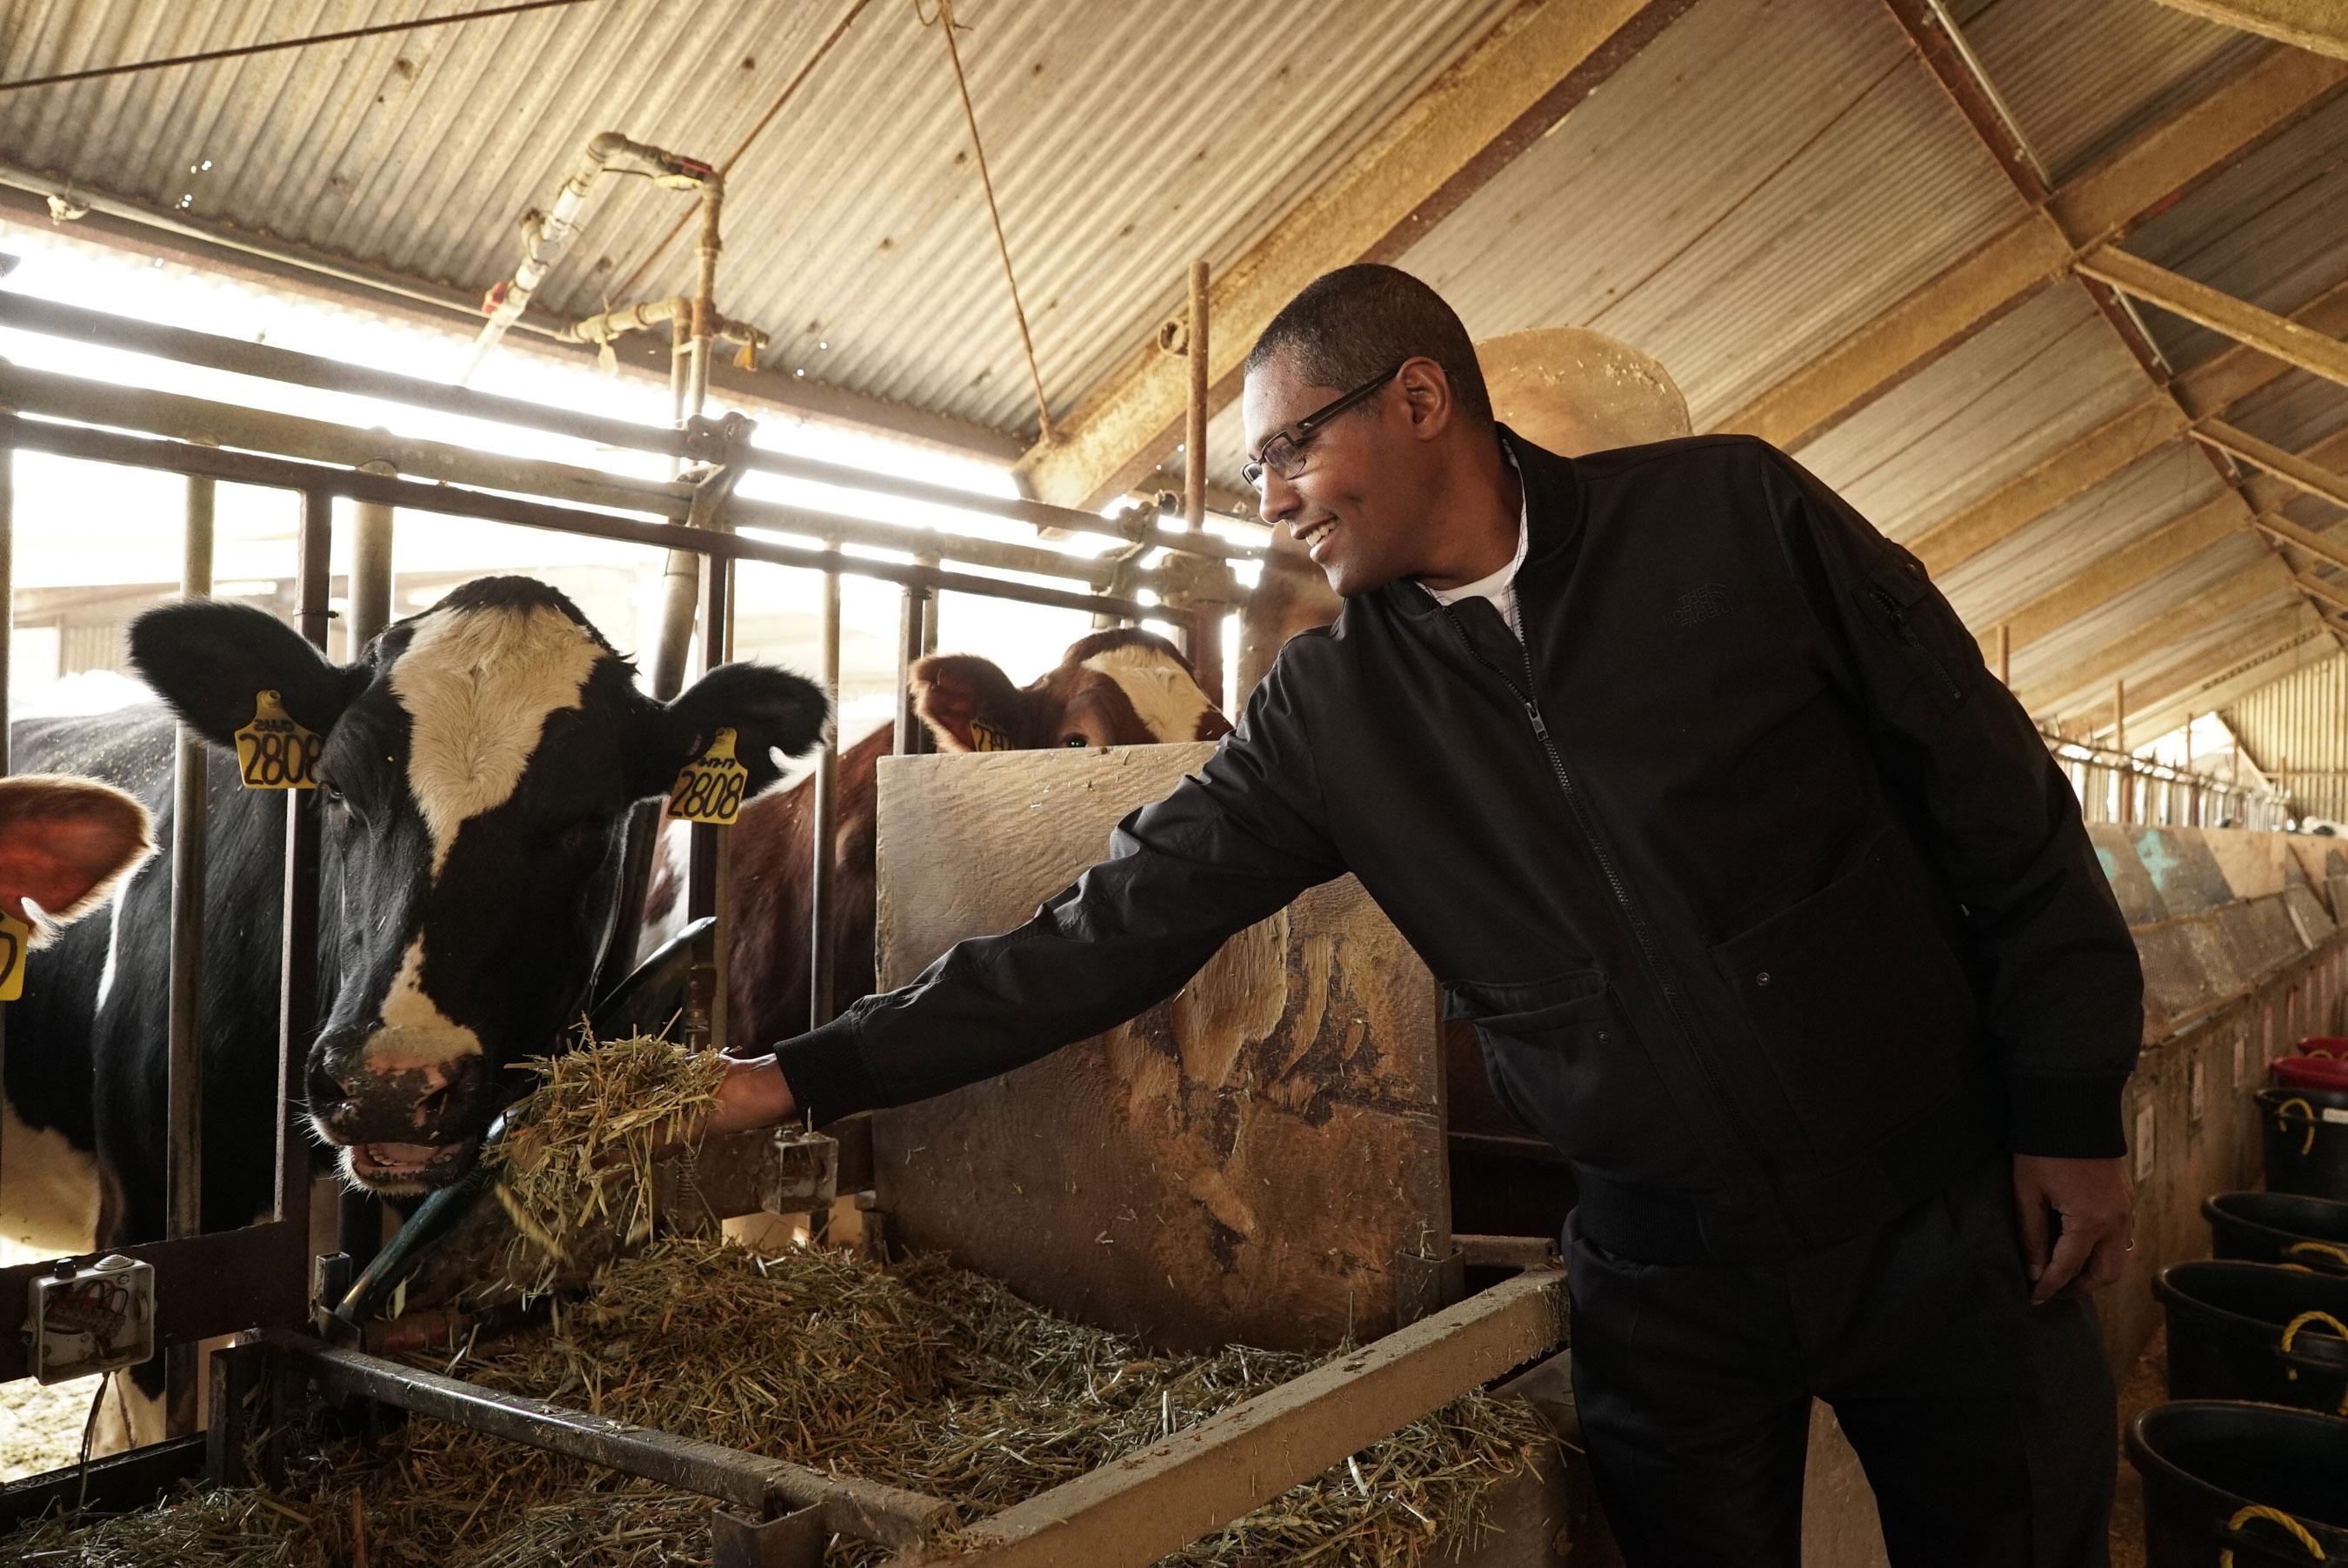 La profesora de UC Davis, Ermias Kebreab, alimenta a una vaca en el campus.